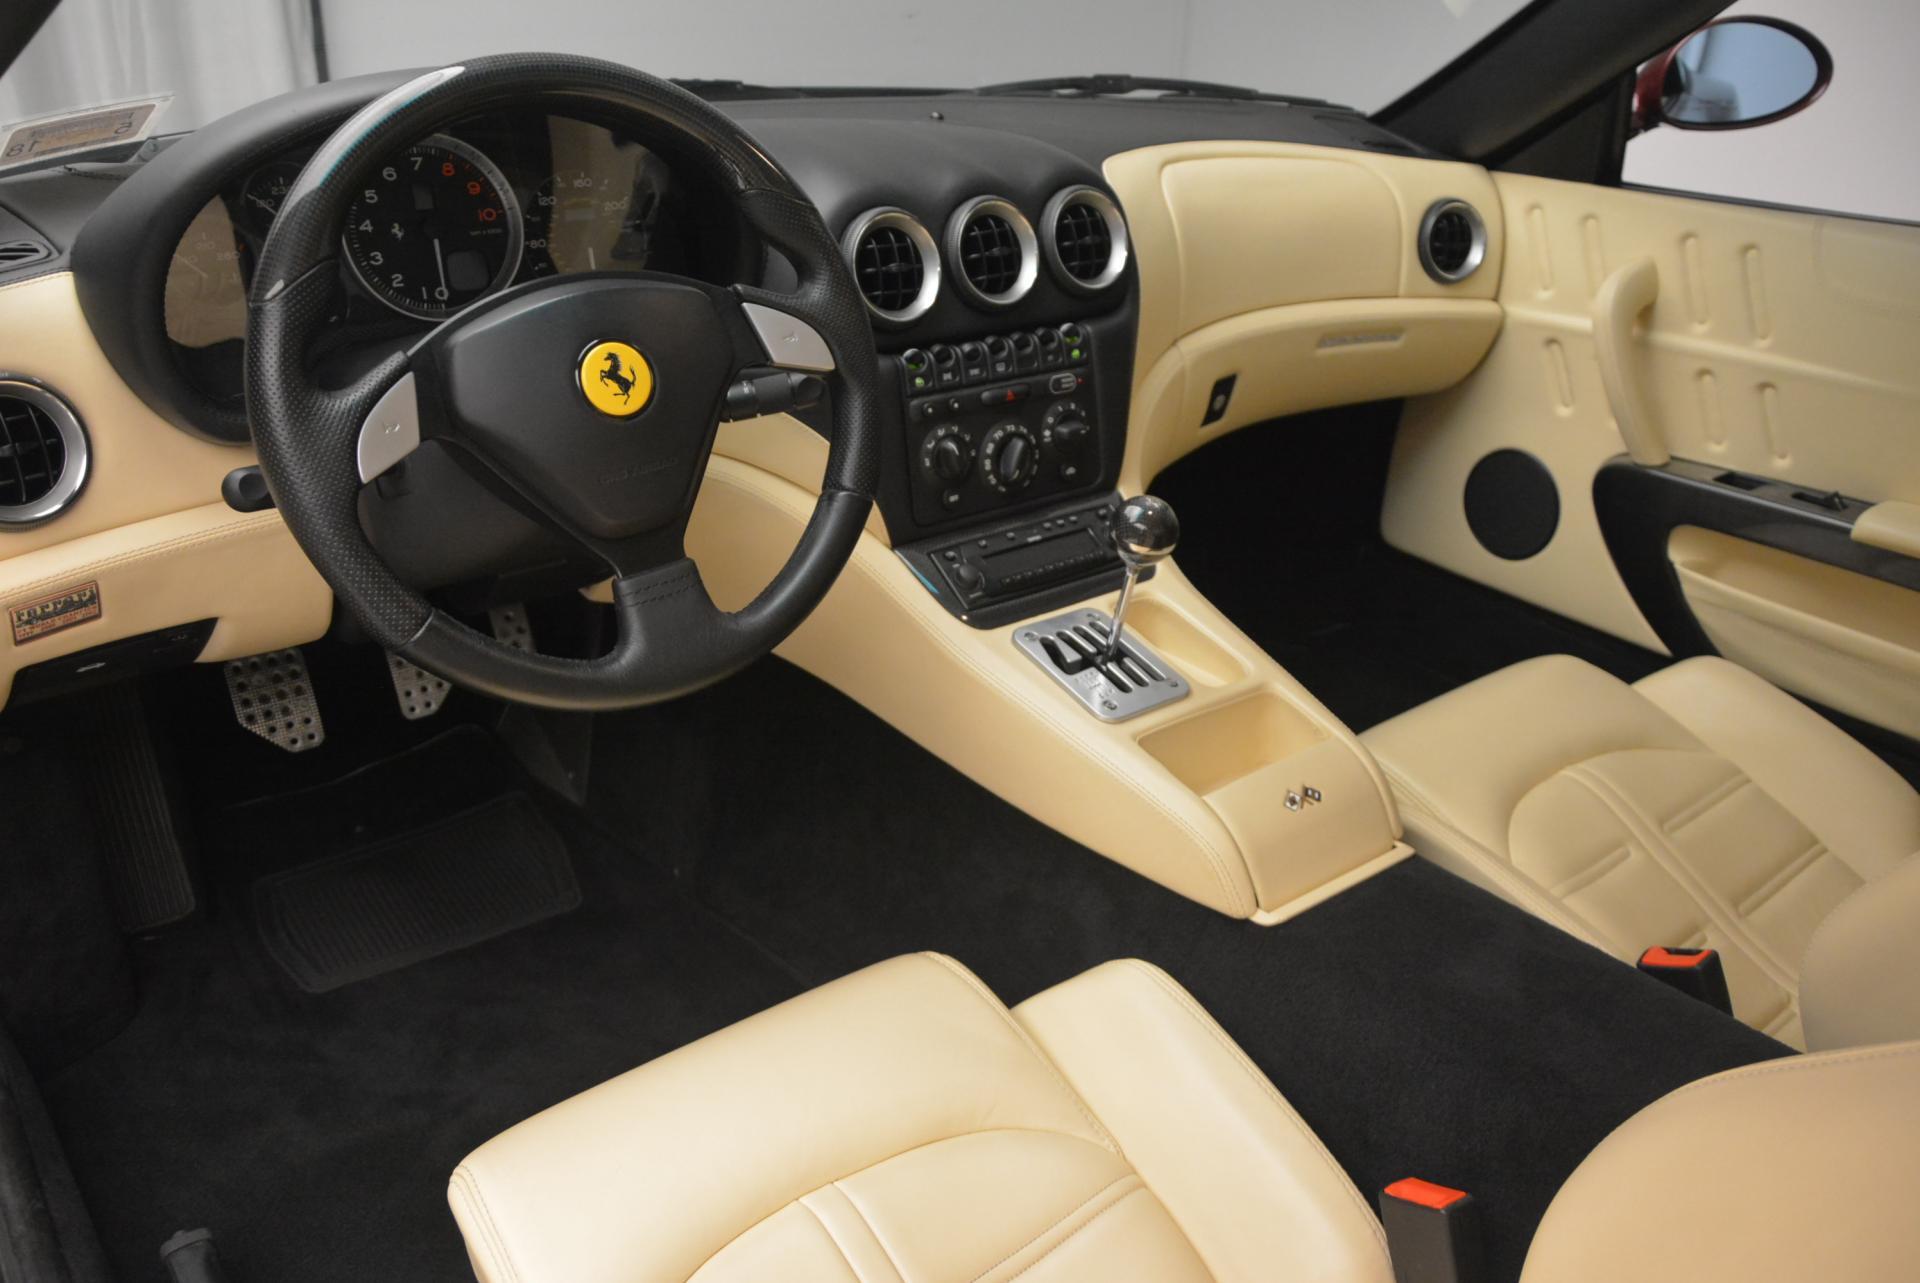 Used 2003 Ferrari 575M Maranello 6-Speed Manual For Sale In Greenwich, CT 143_p13